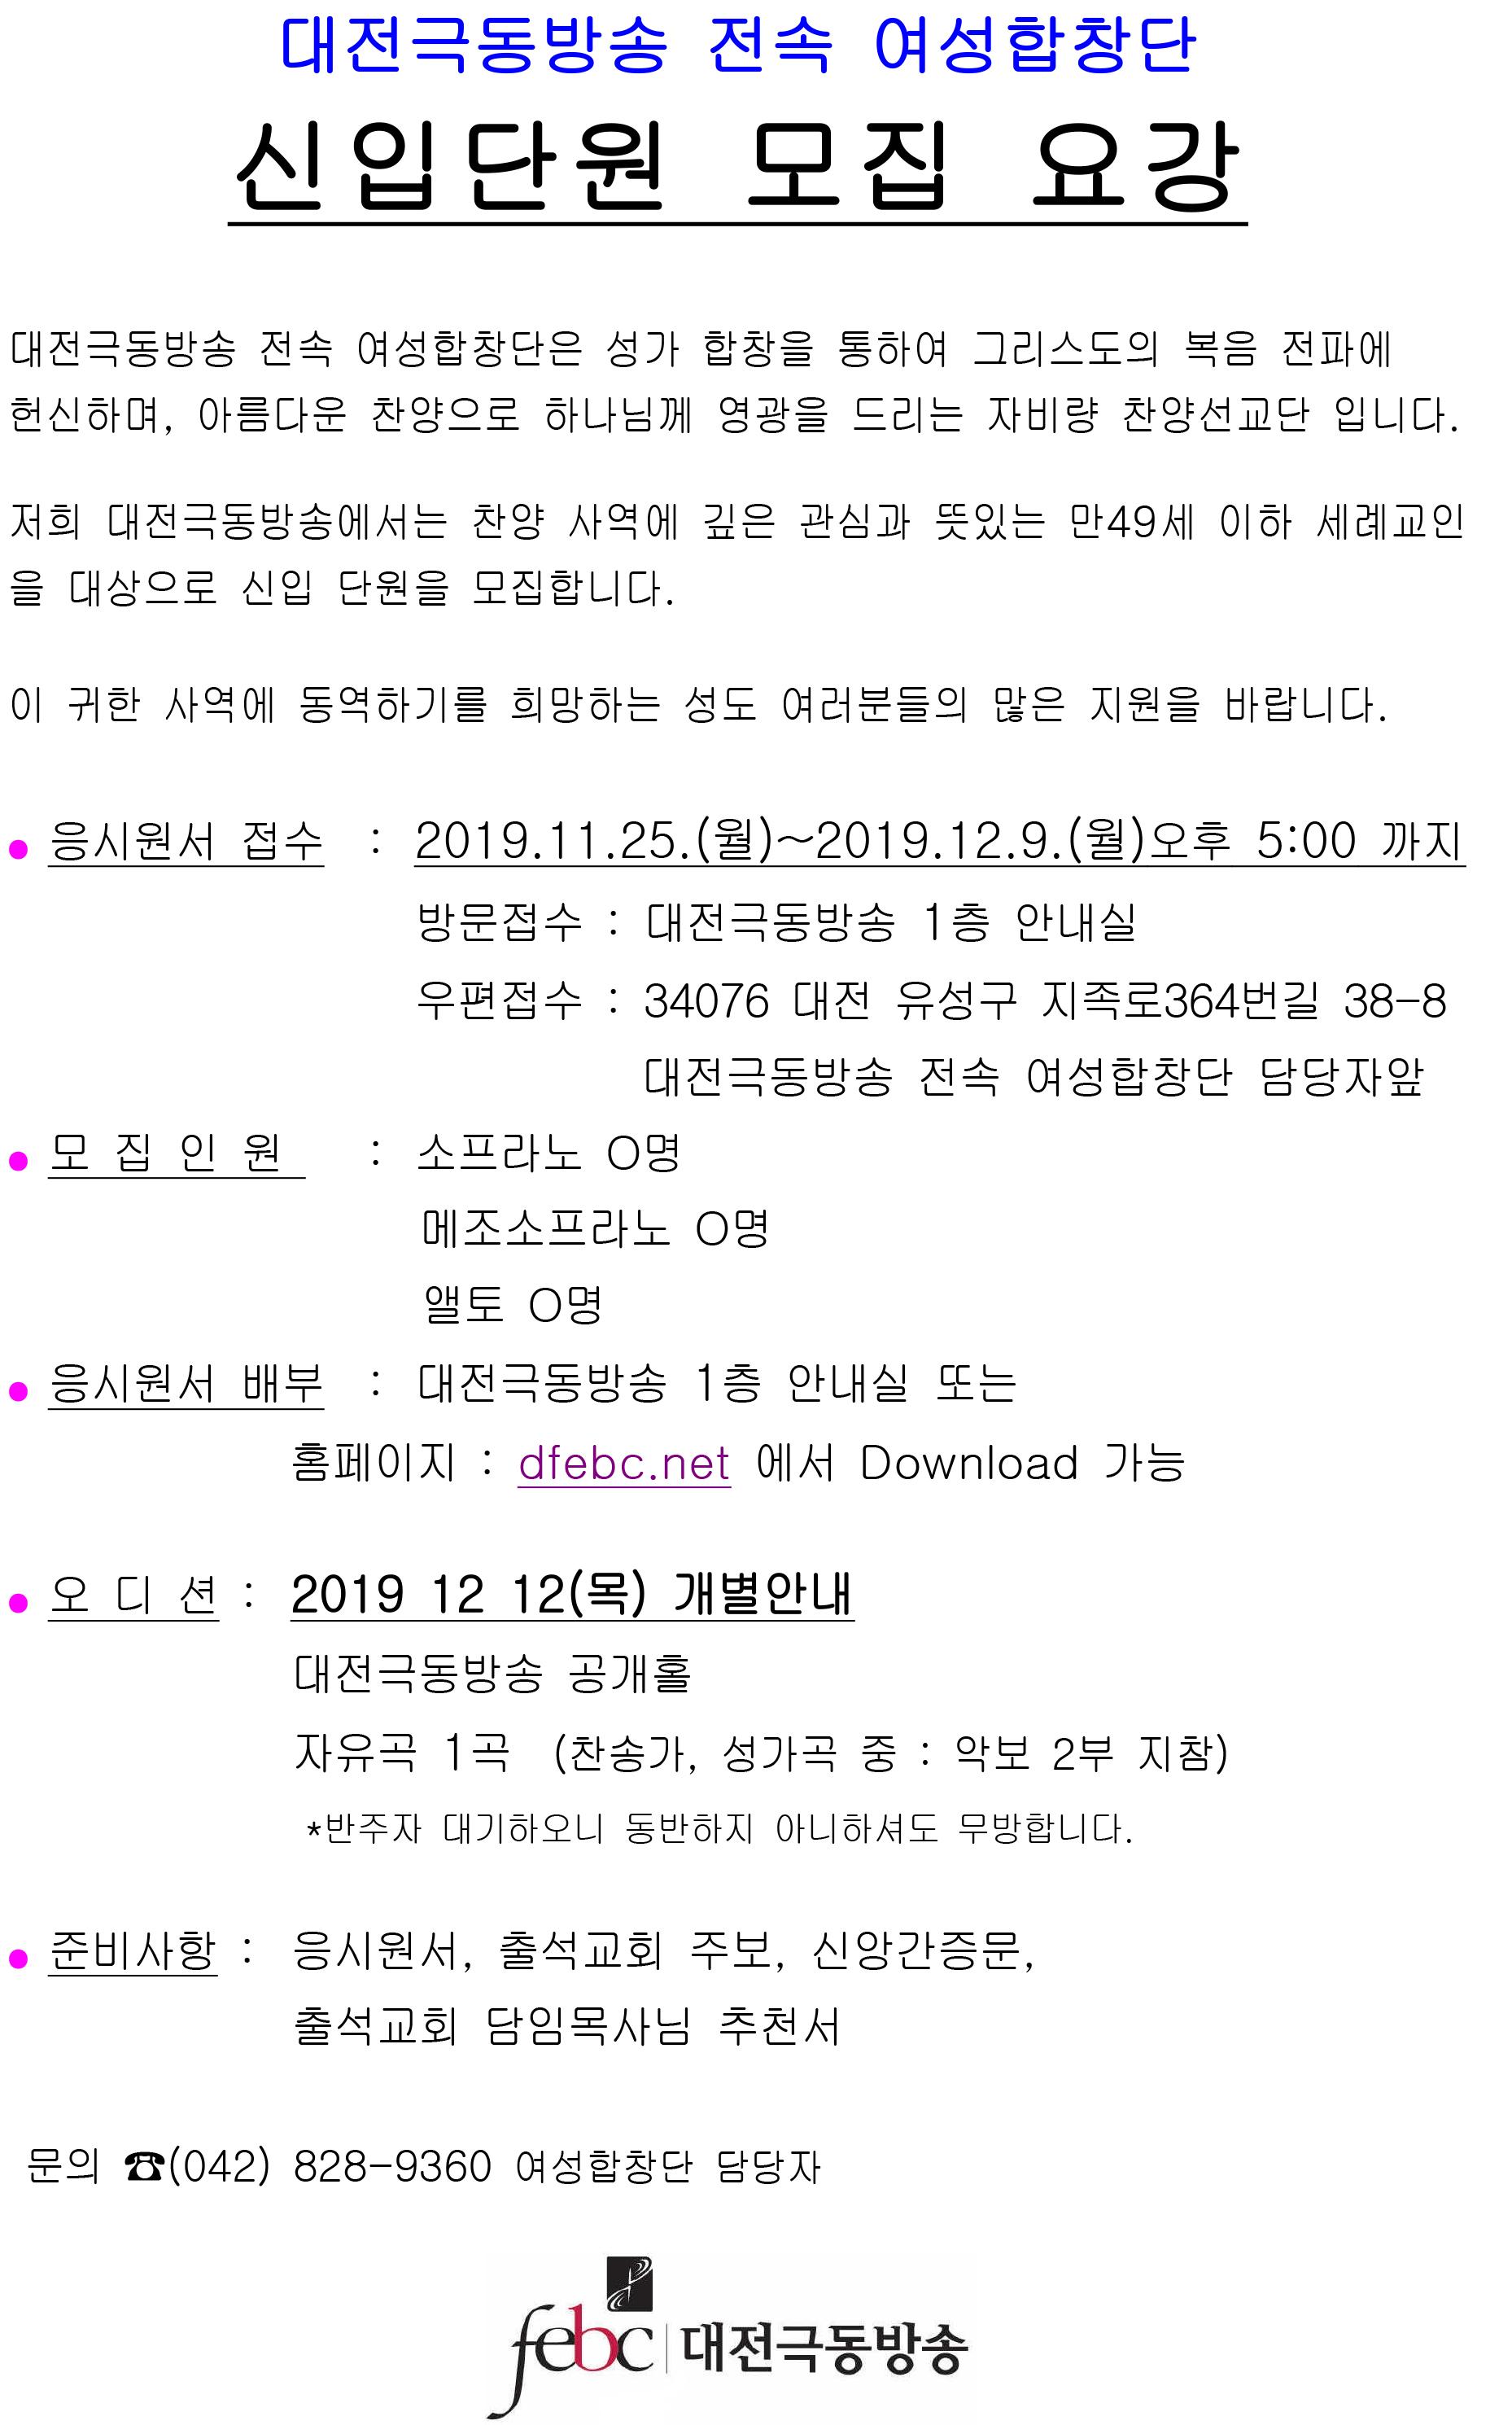 2019 신입단원 모집요강.jpg